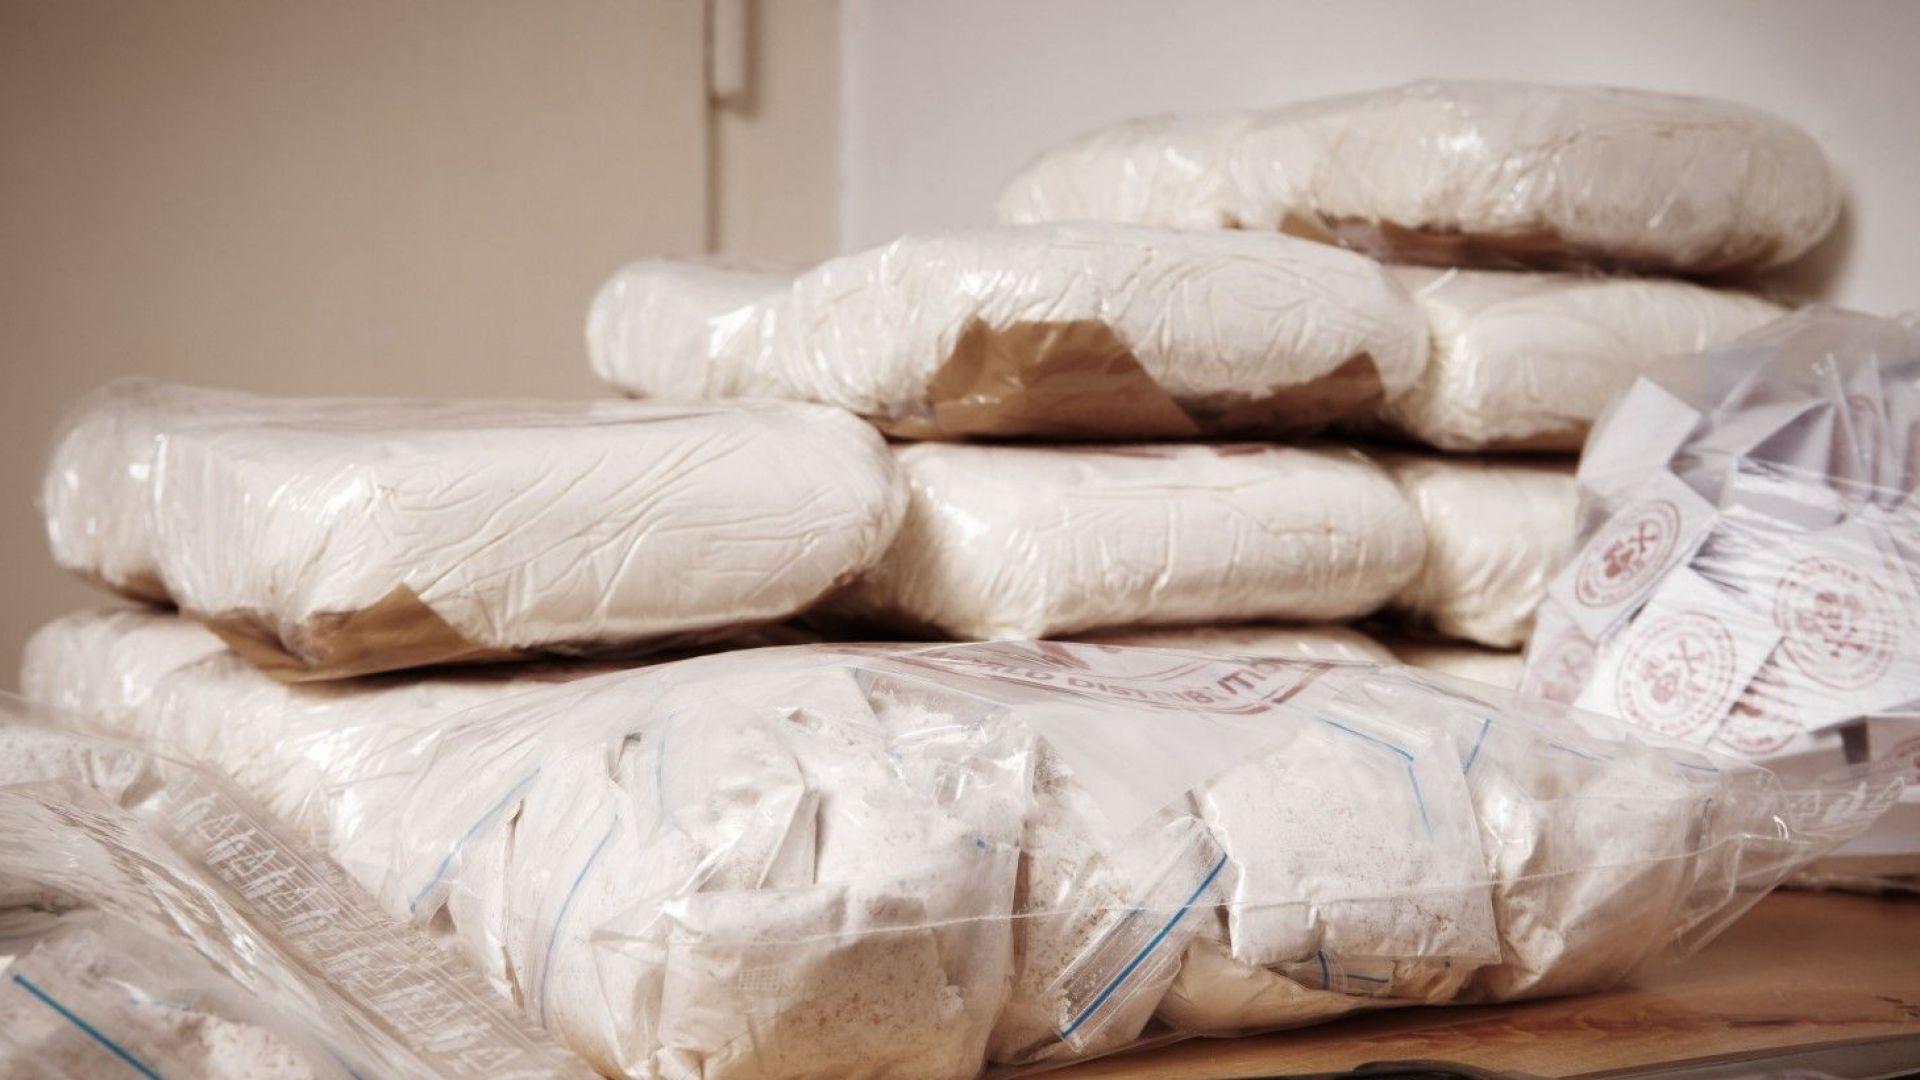 В Испания спряха 9 тона кокаин в пратка с банани от Колумбия